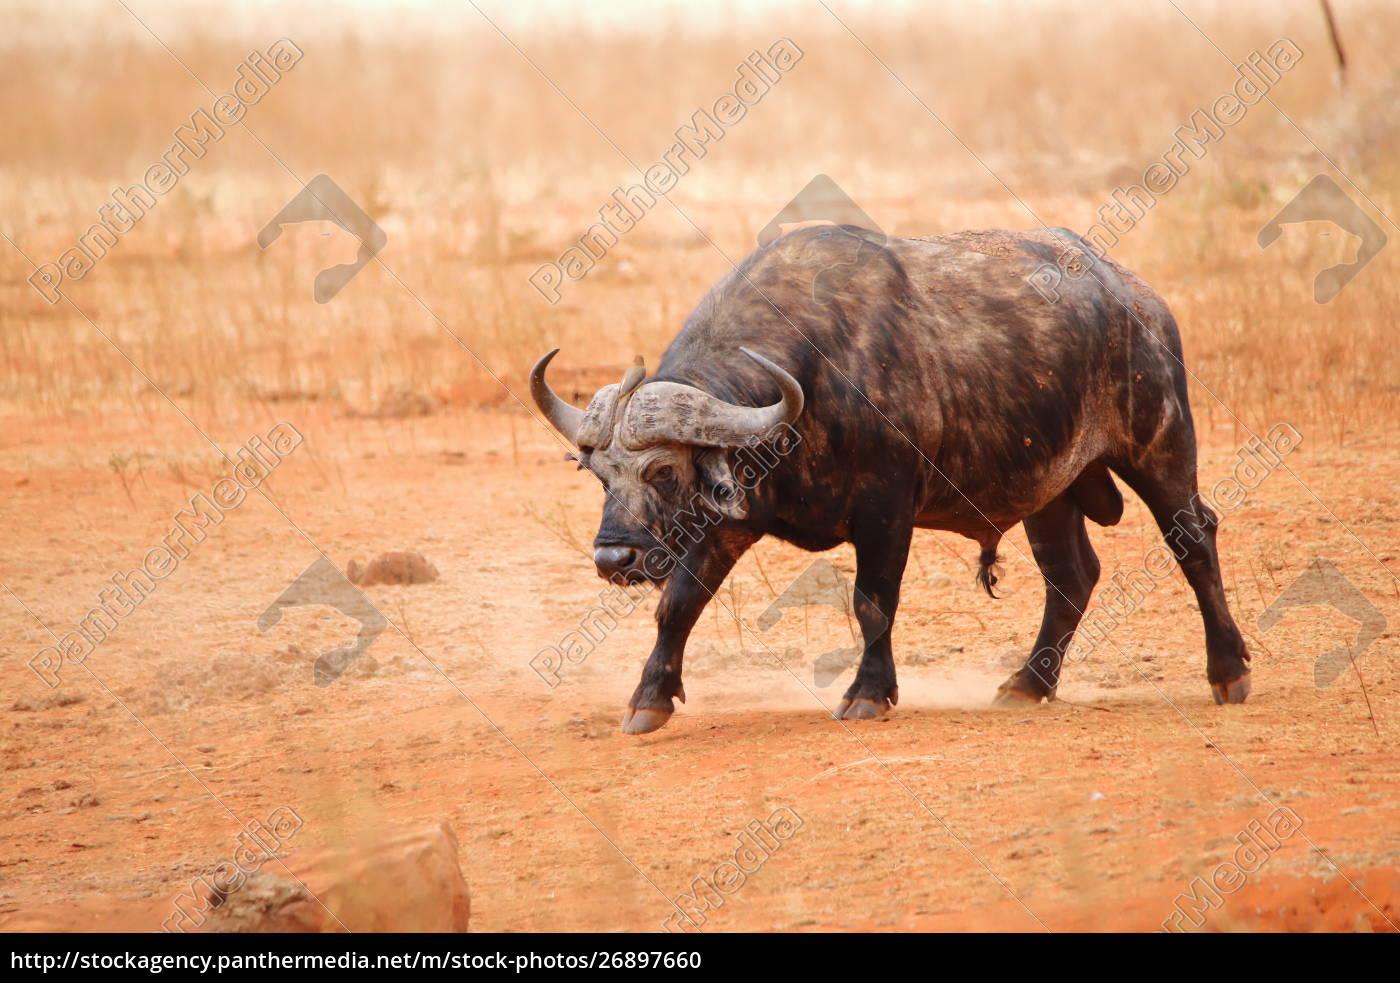 búfalo, de, cabo, en, la, reserva - 26897660